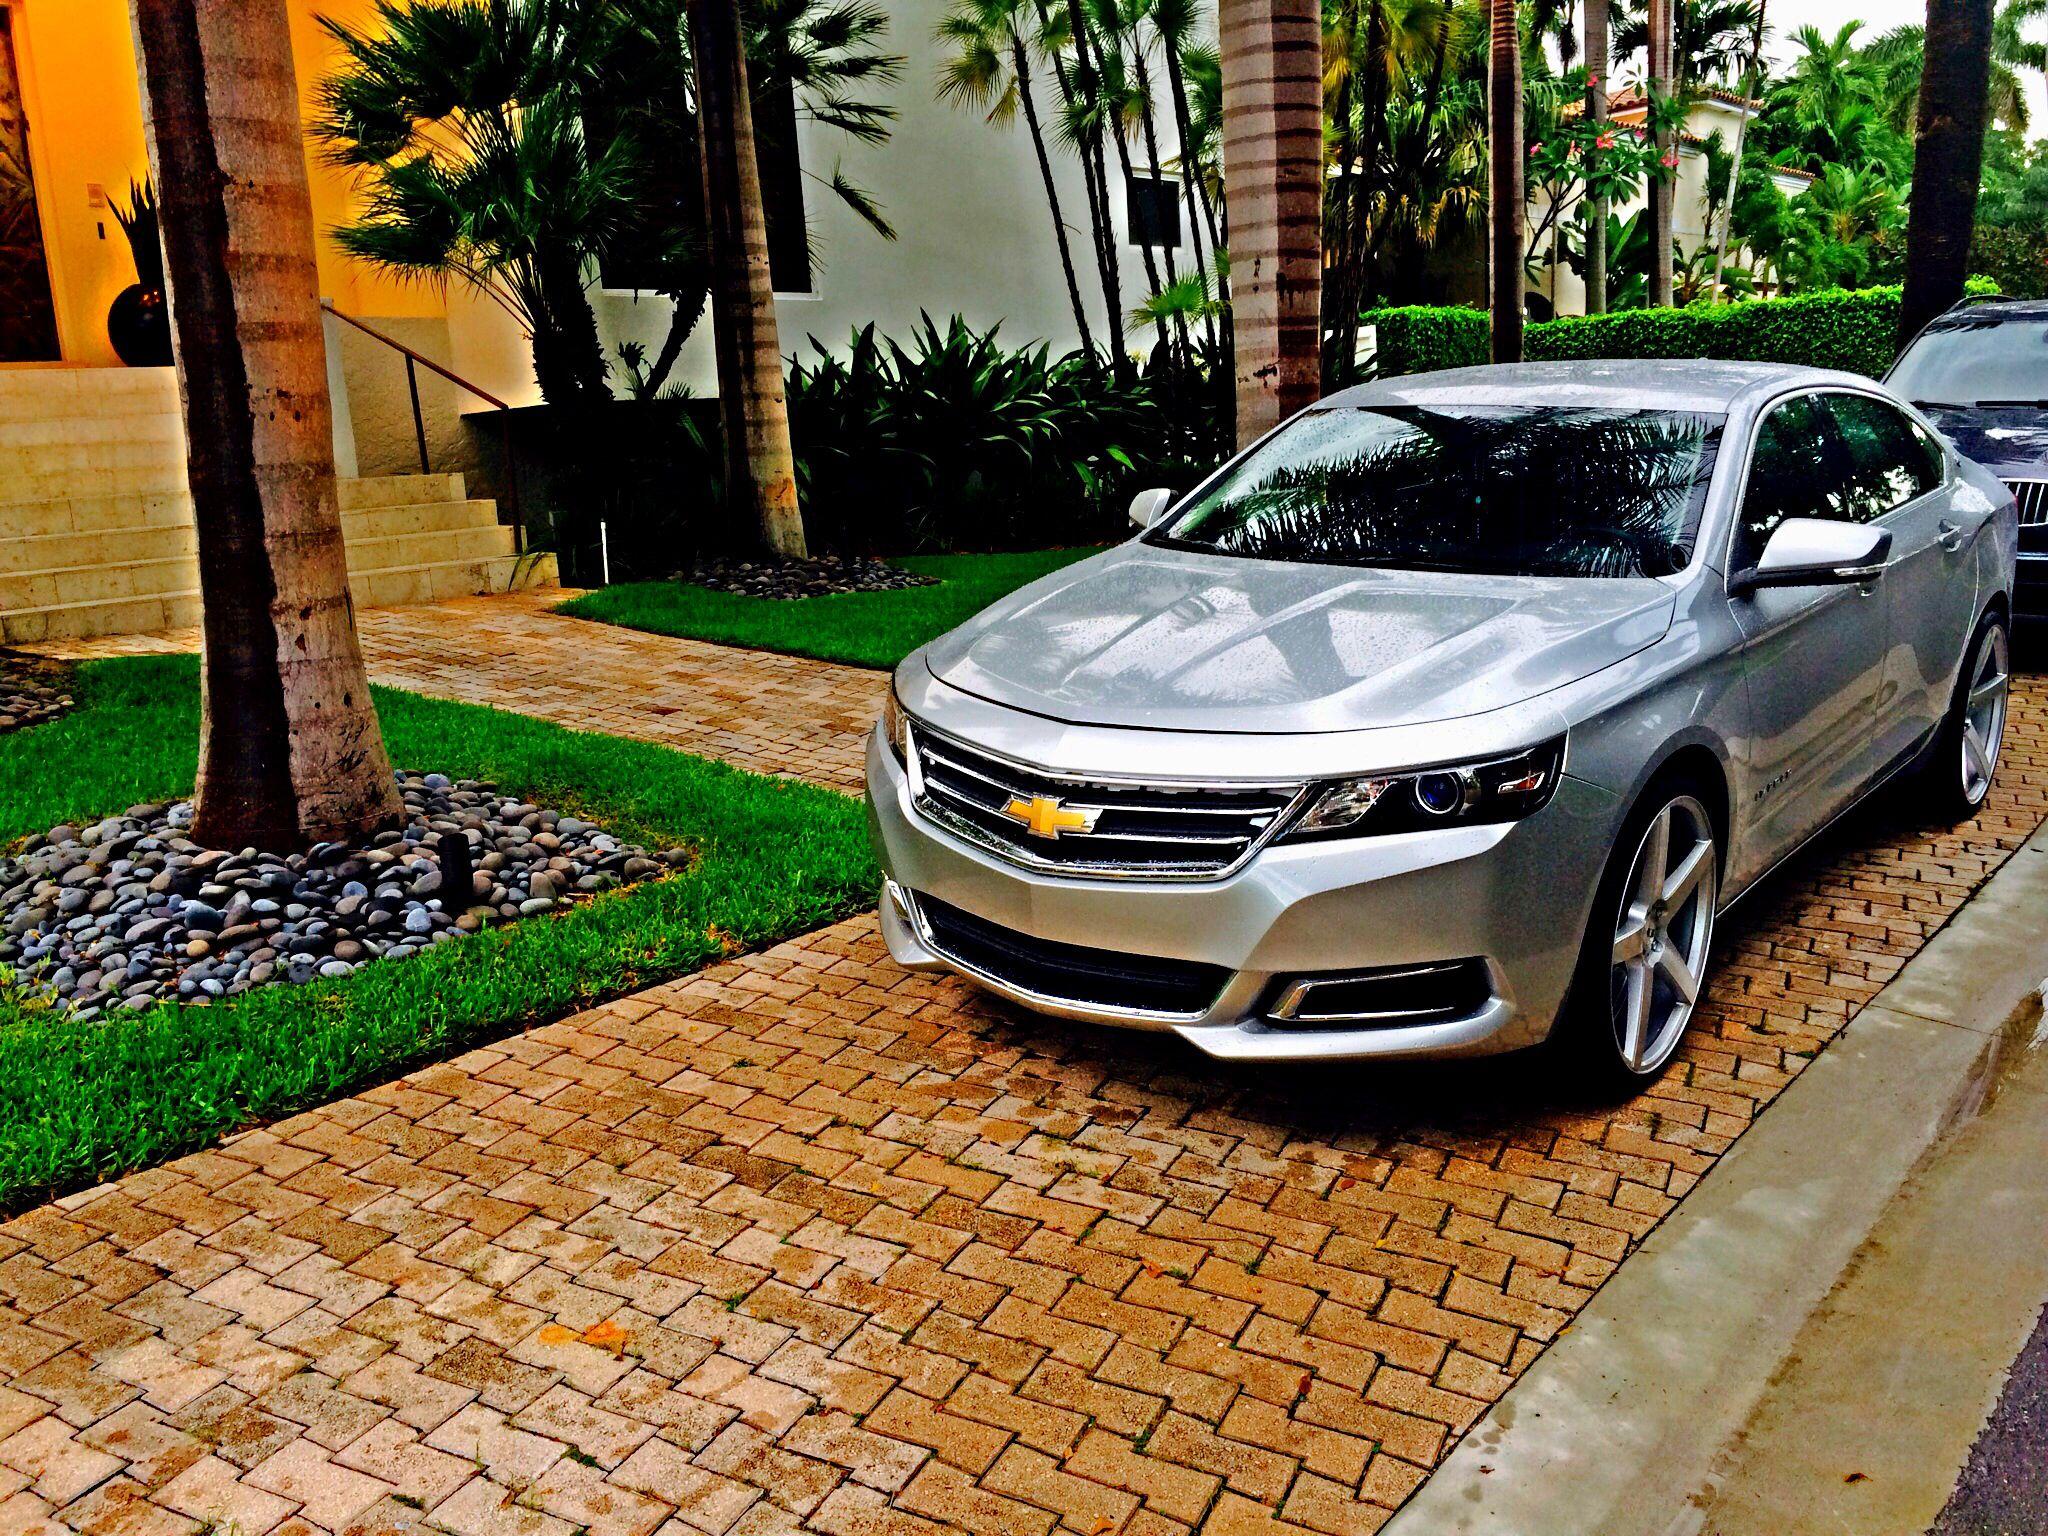 Impala Ltz On 22 S Impala Ltz New Impala Chevy Impala